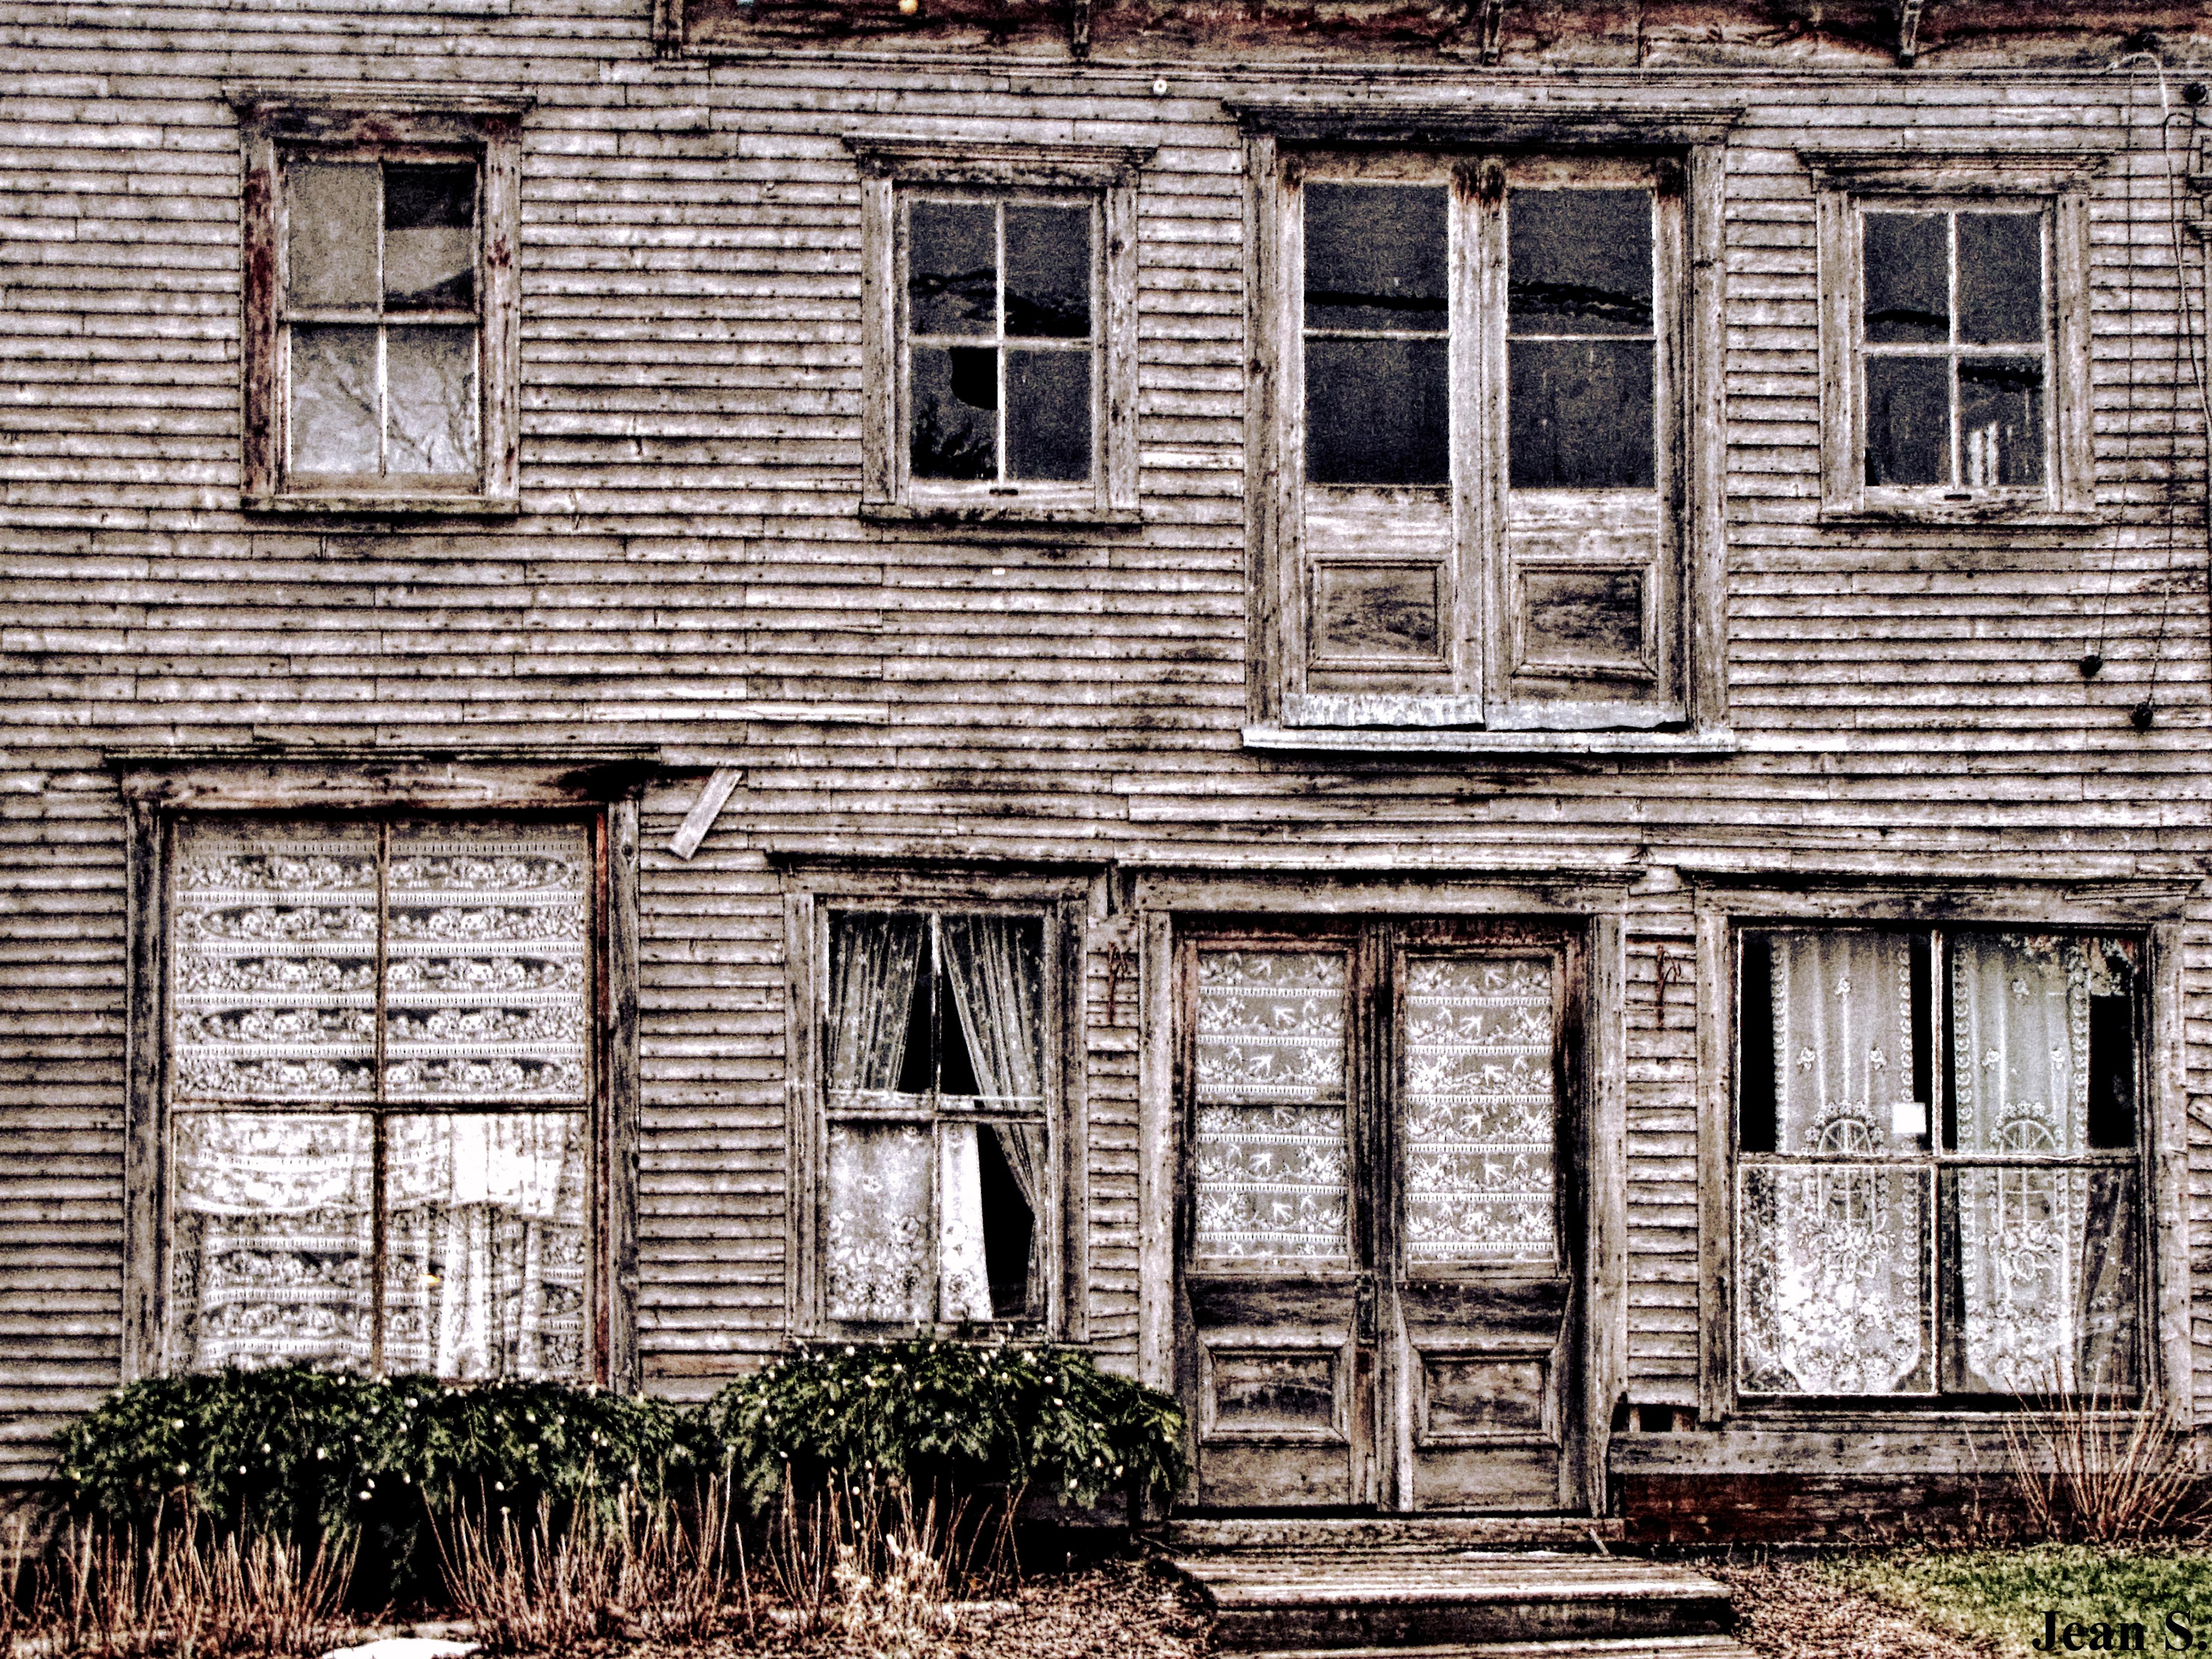 Innenarchitektur Geschichte hintergrundbilder alt fenster die architektur gebäude winter